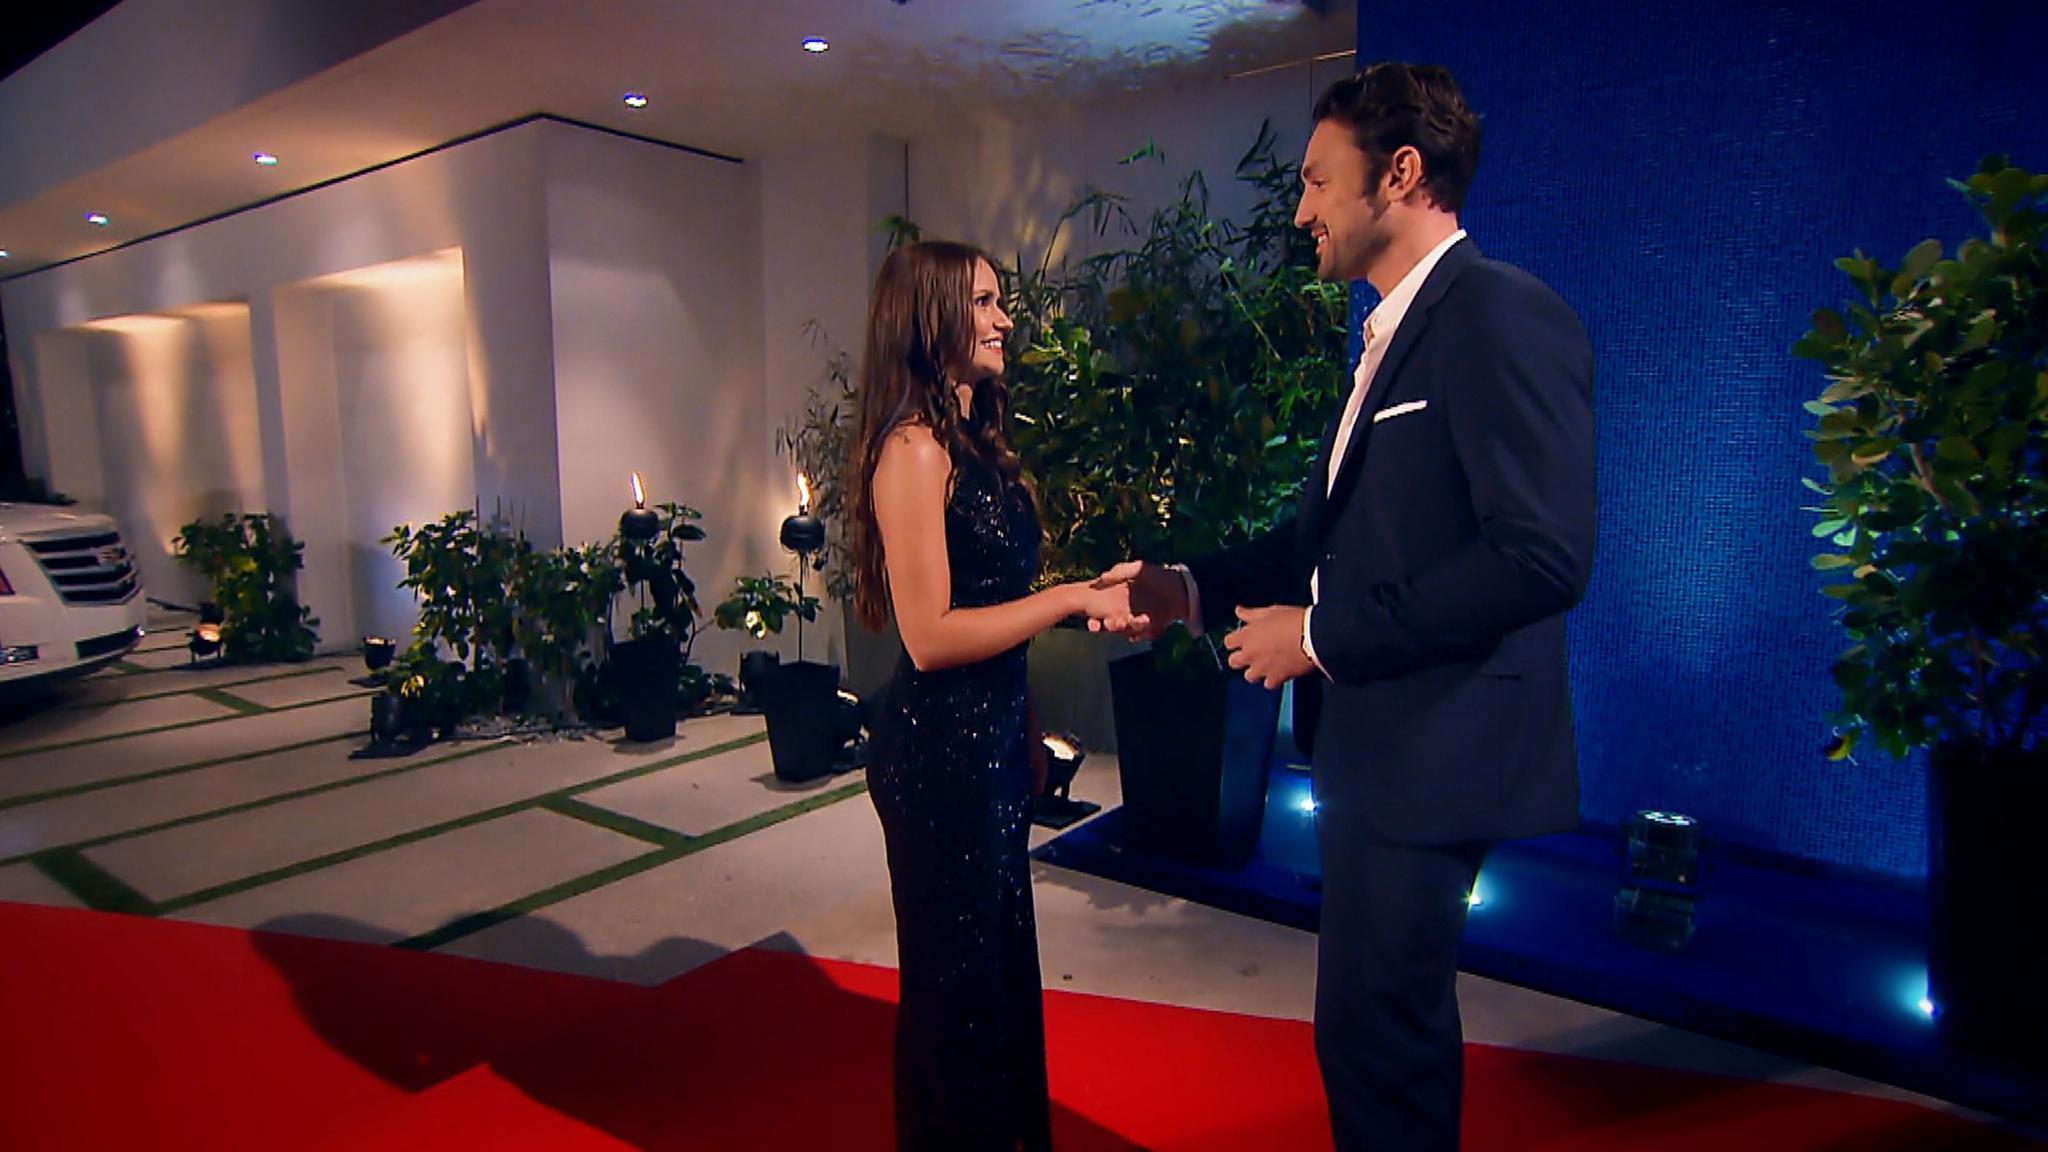 Das erste Treffen von Alina und Daniel